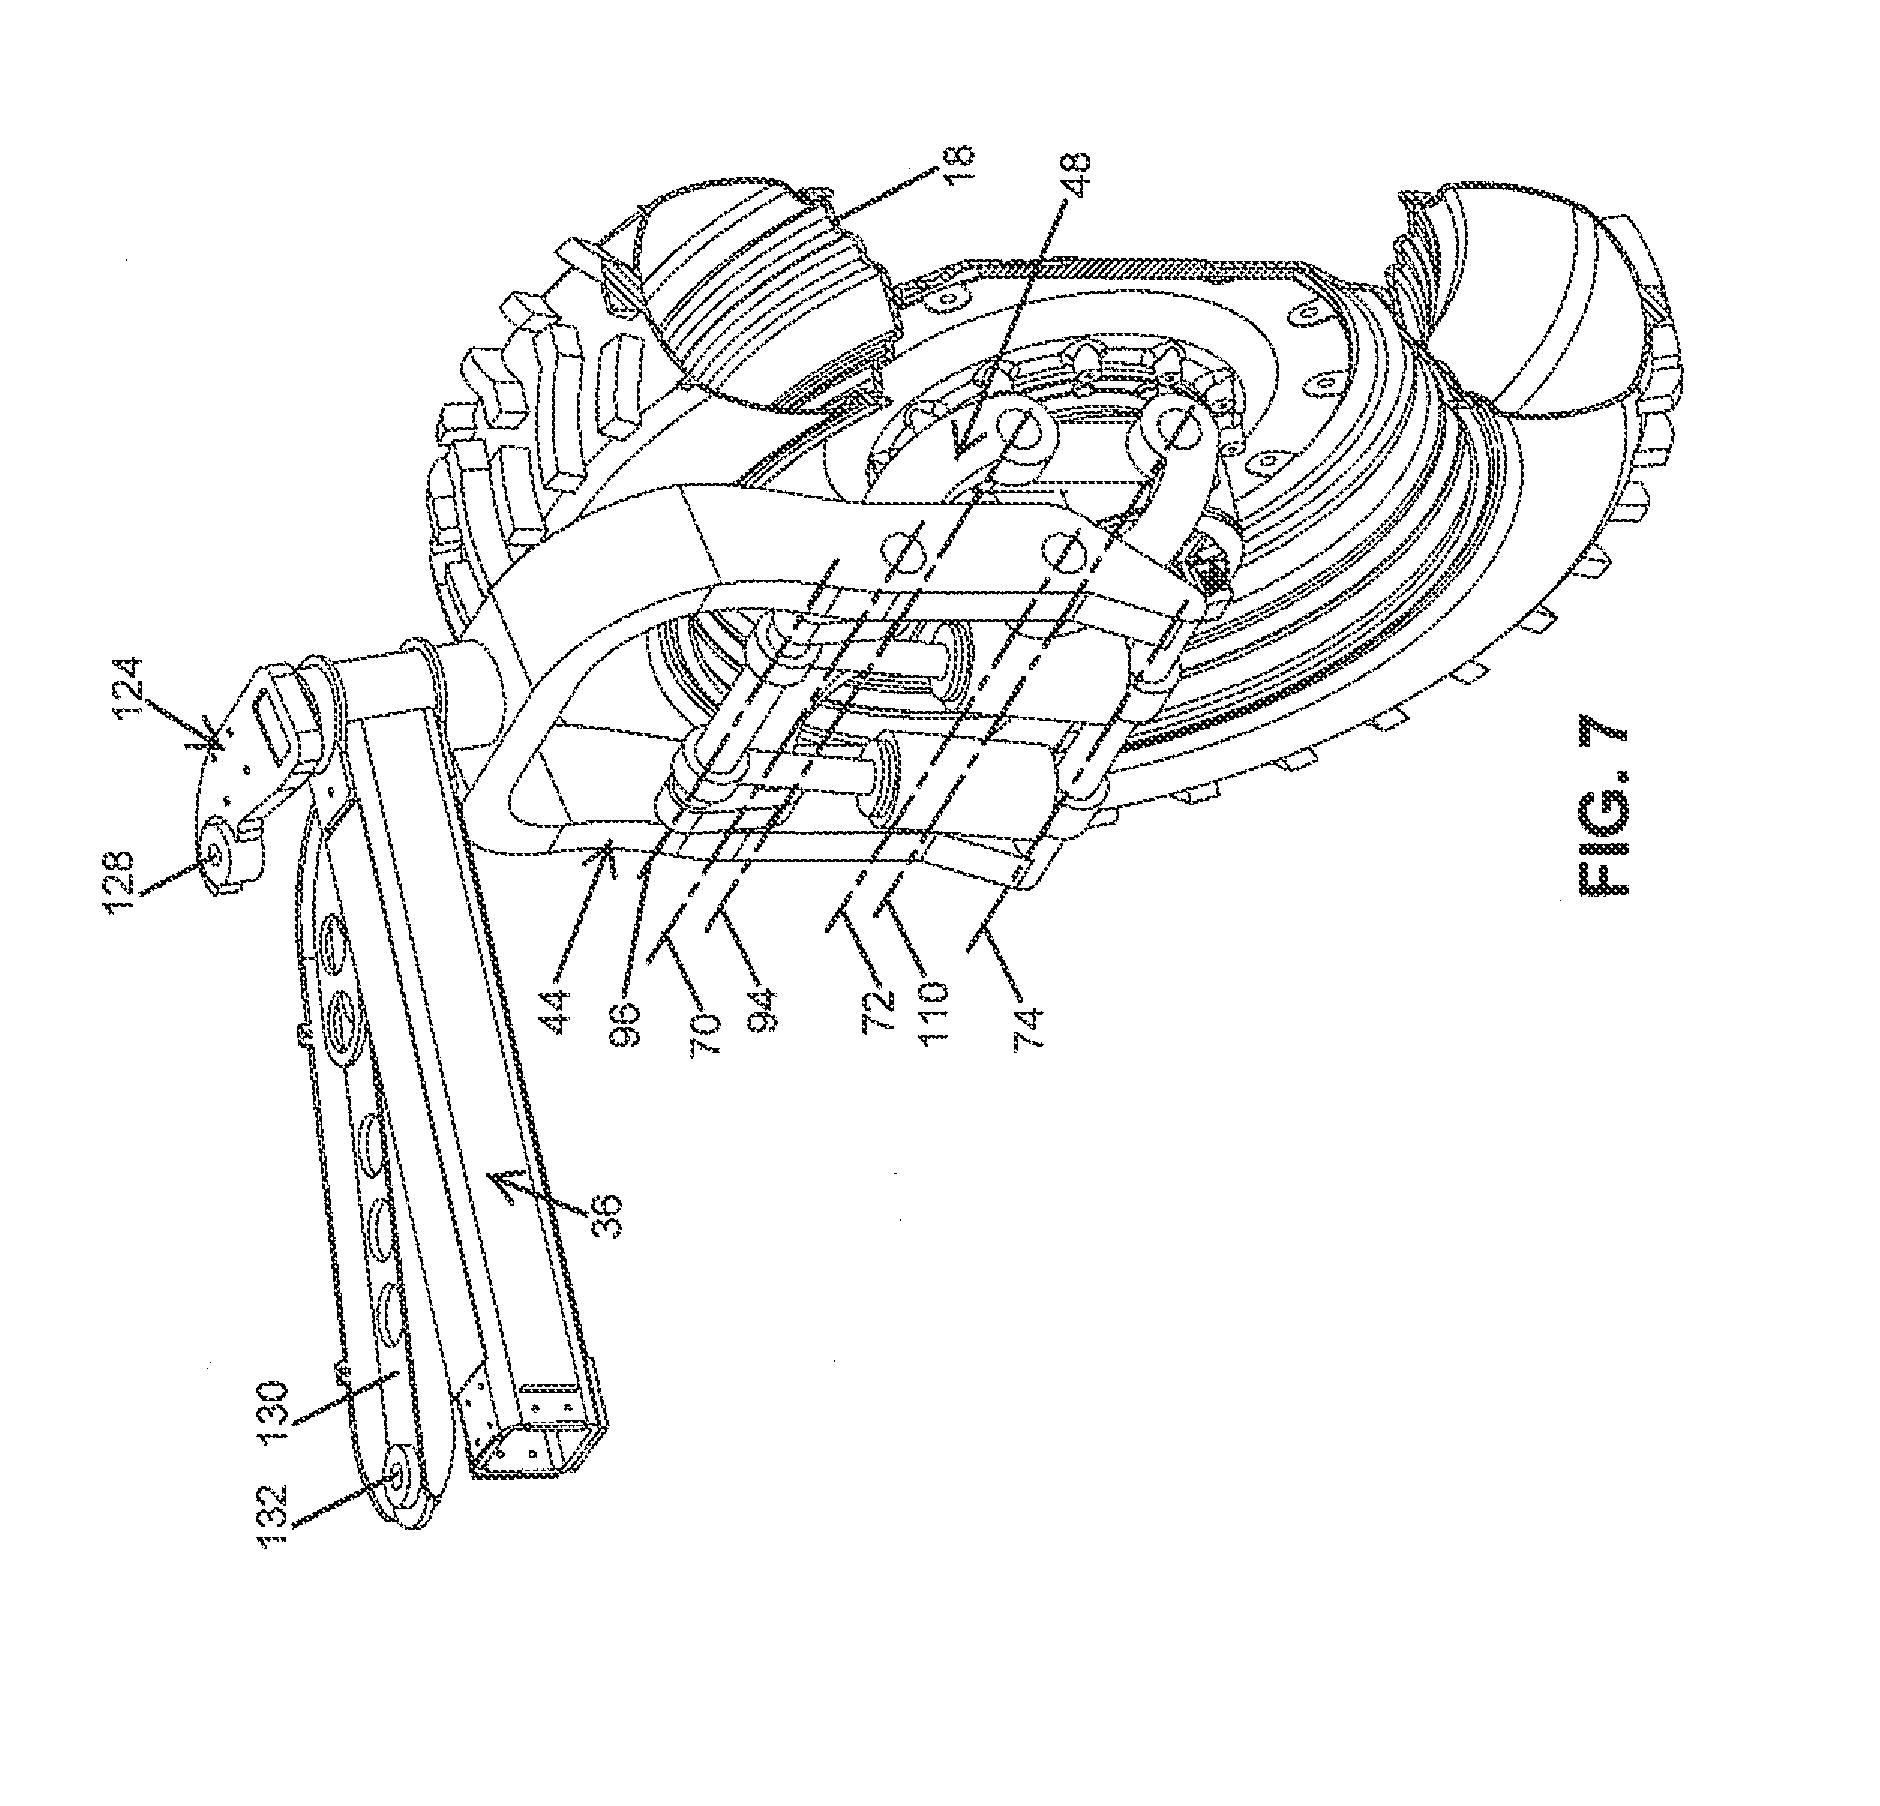 Dune Buggy Engine Systems Schematics